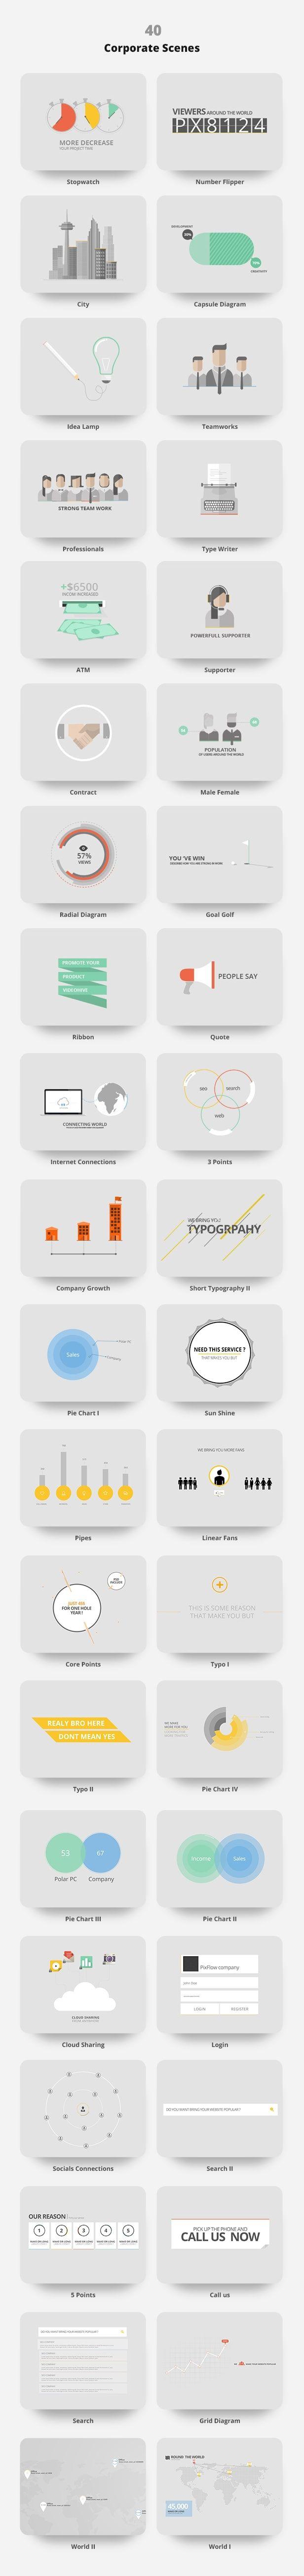 دانلود پکیج تایپوگرافی پریمیر (خدمات سئو شرکتی) حرفه ای با کیفیت بالا